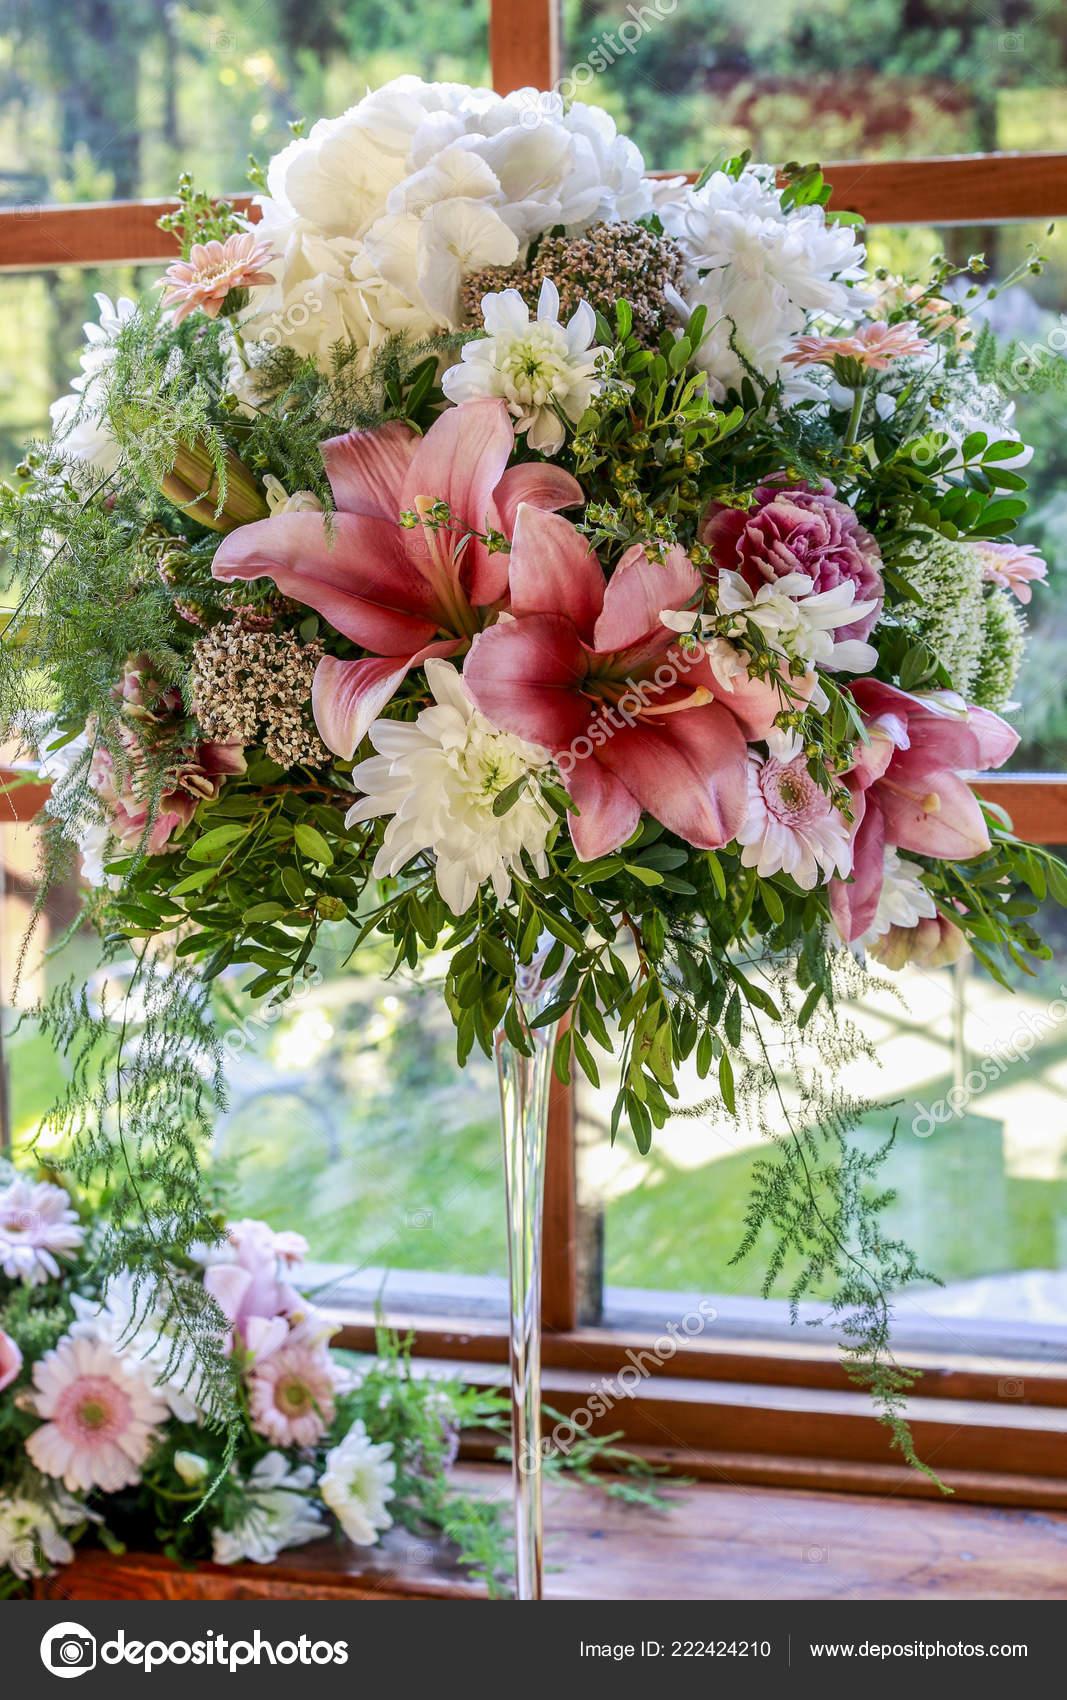 Boda Adornos Florales Con Rosas Lirios Dalias Claveles